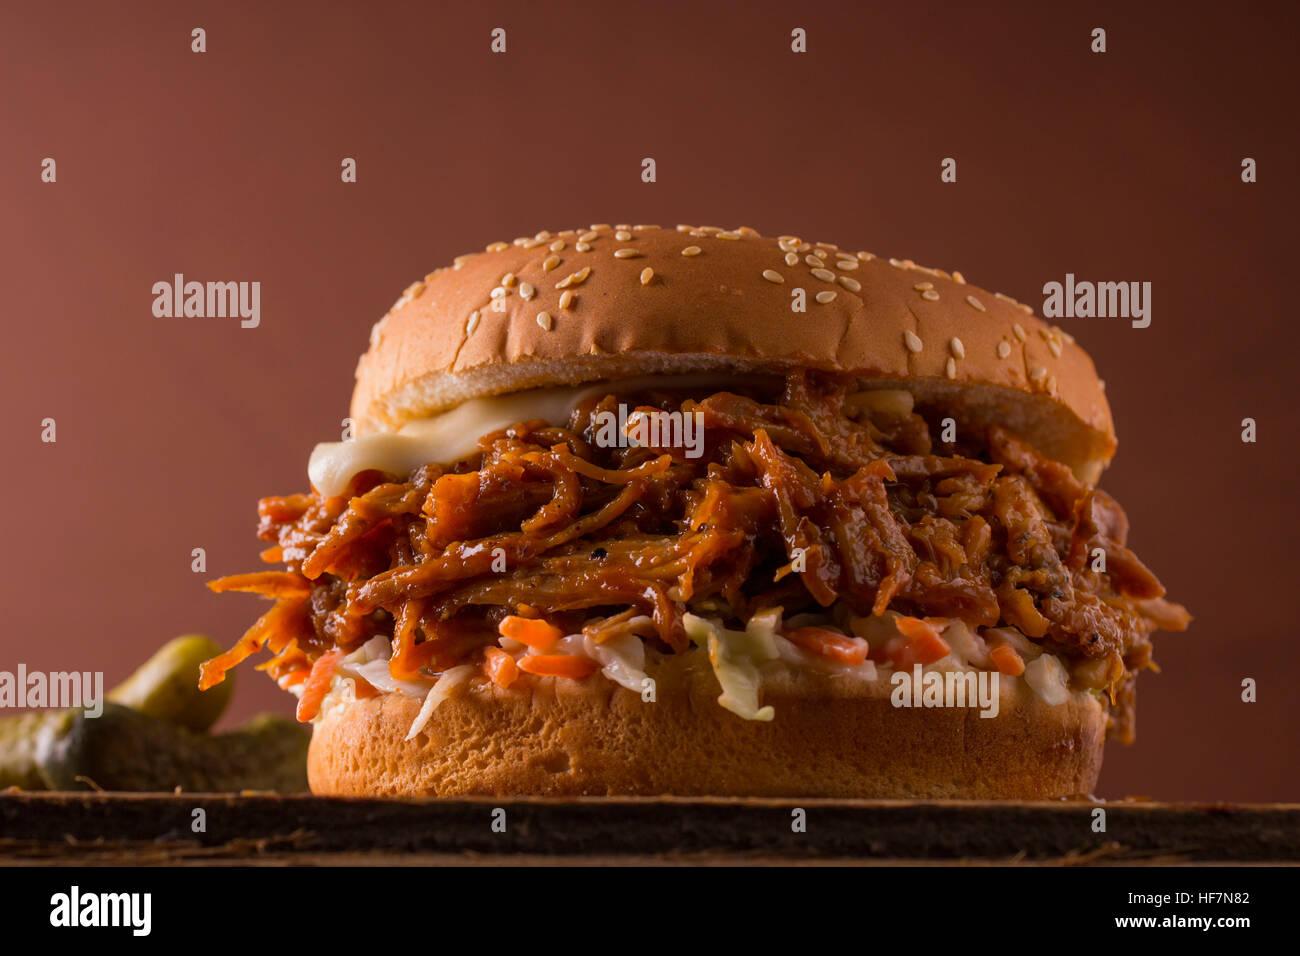 Heroische Schuss eines BBQ Schweinefleisch gezogen Sandwich Stockbild